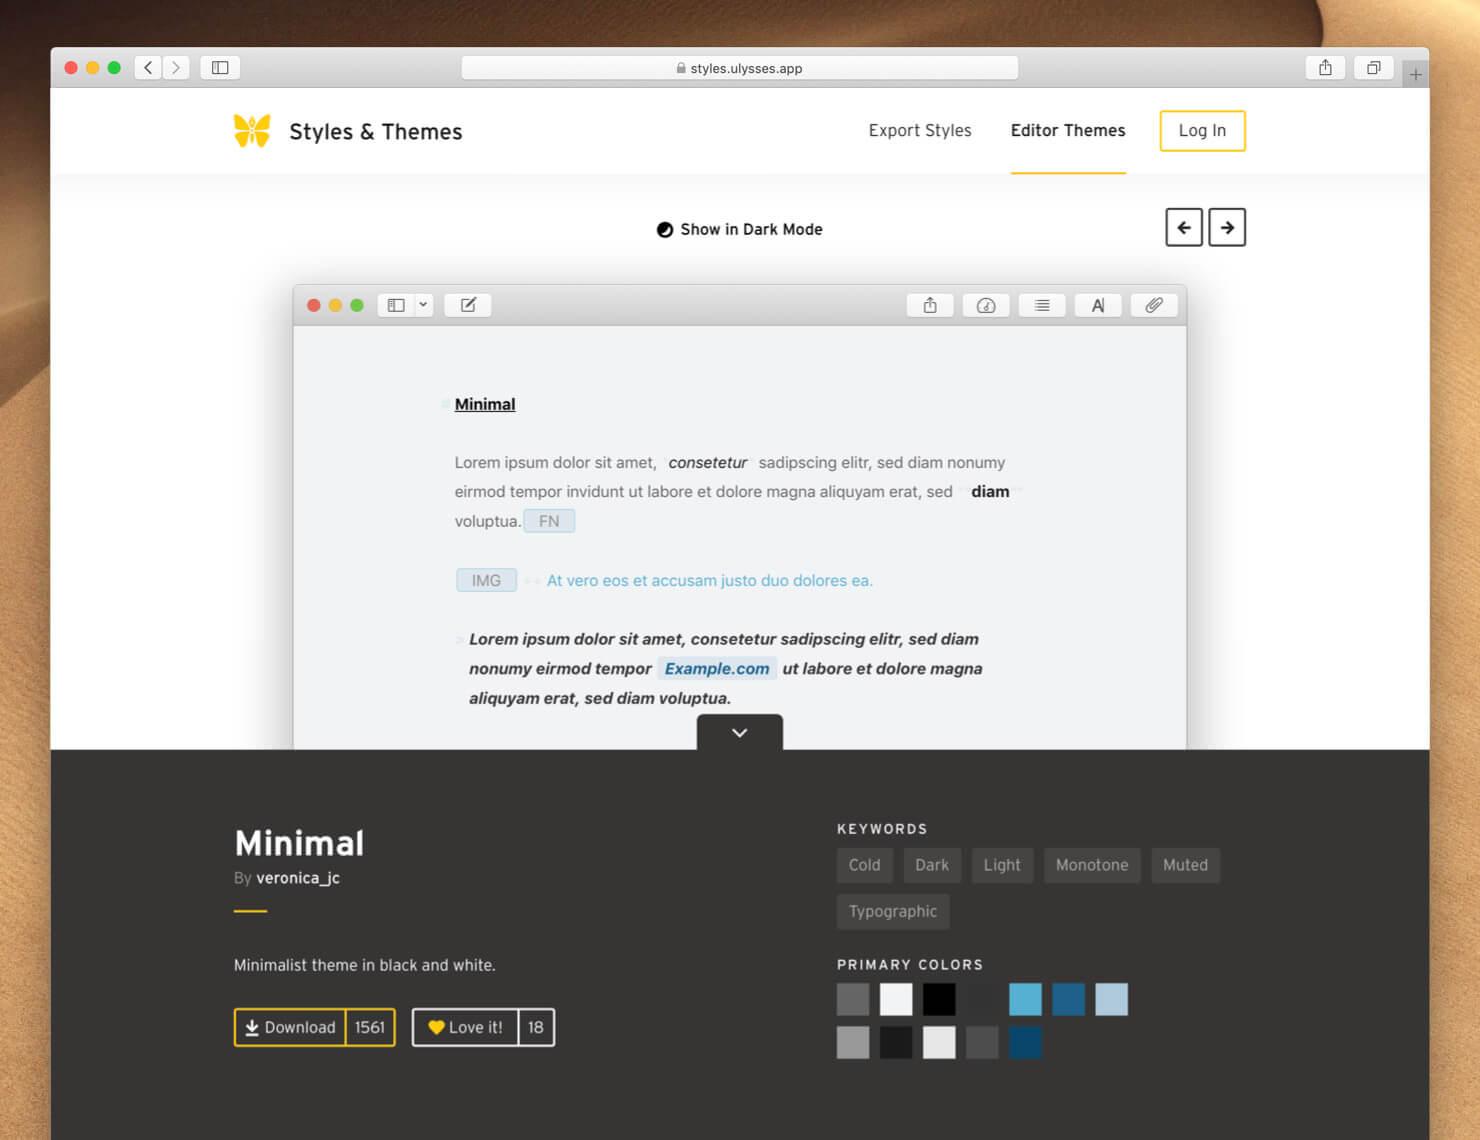 Theme detail page